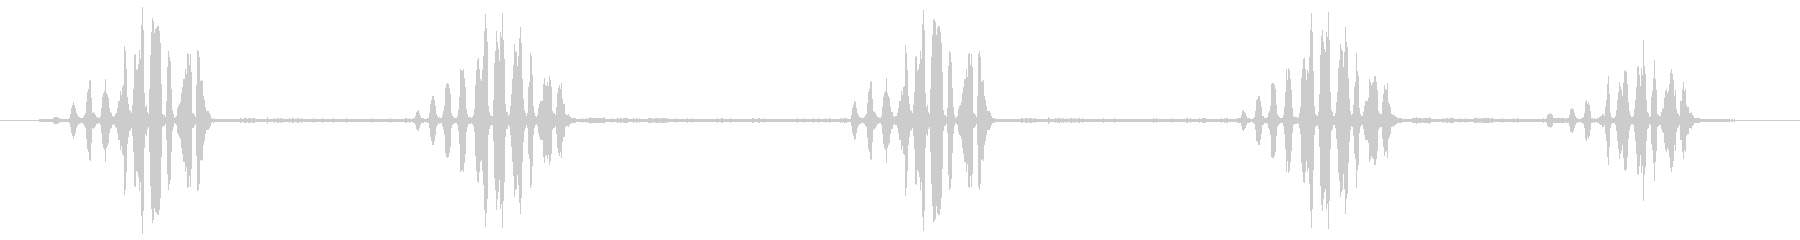 熱帯のモッキンバード:呼び出し、重...の未再生の波形